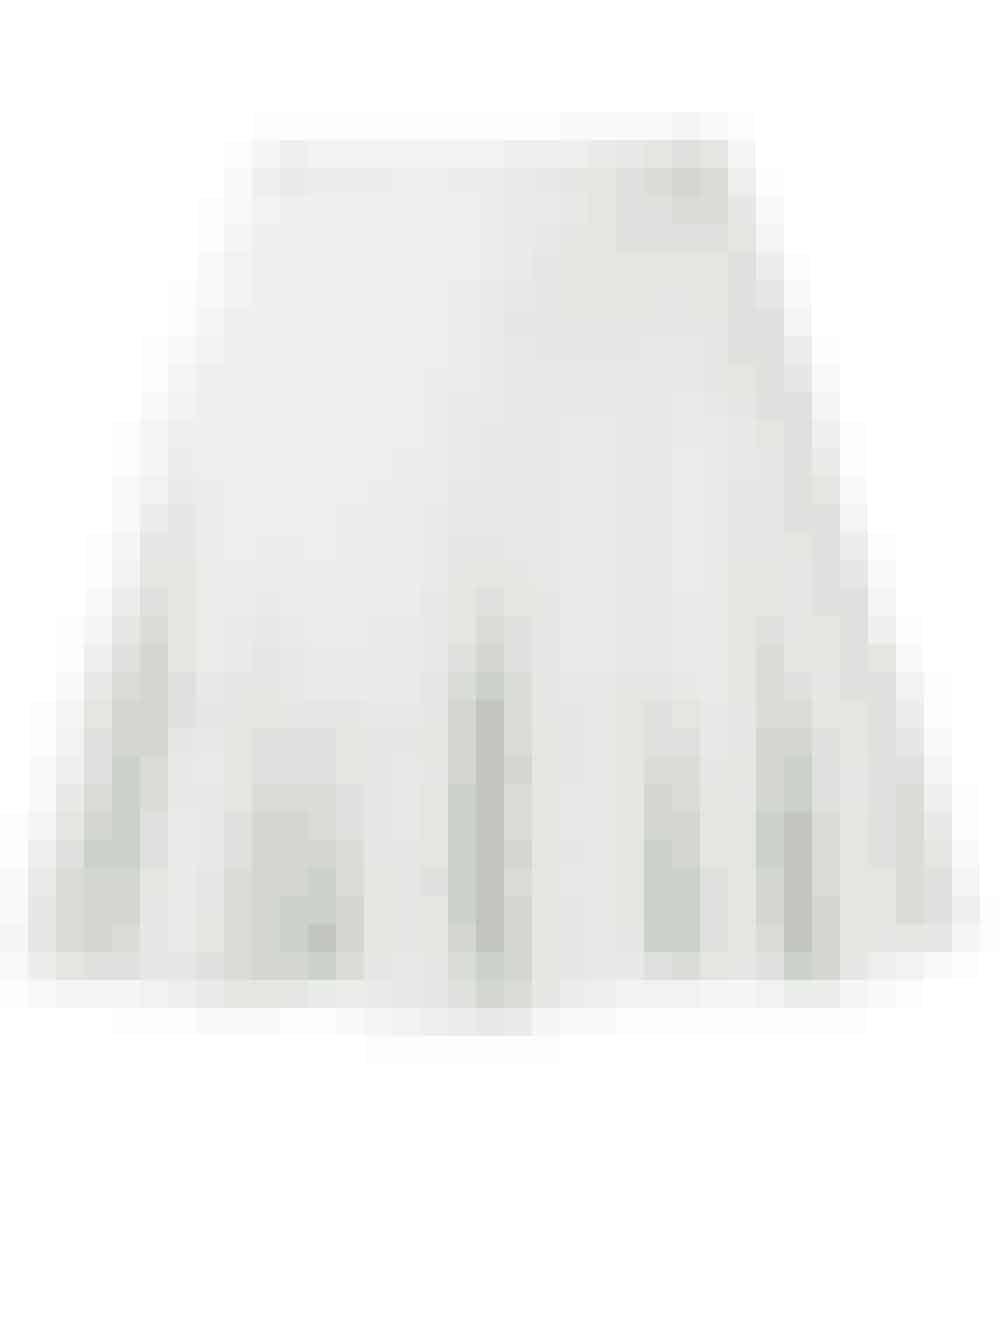 Shorts, Chloé, 8.724 kr. Kan købes online HER